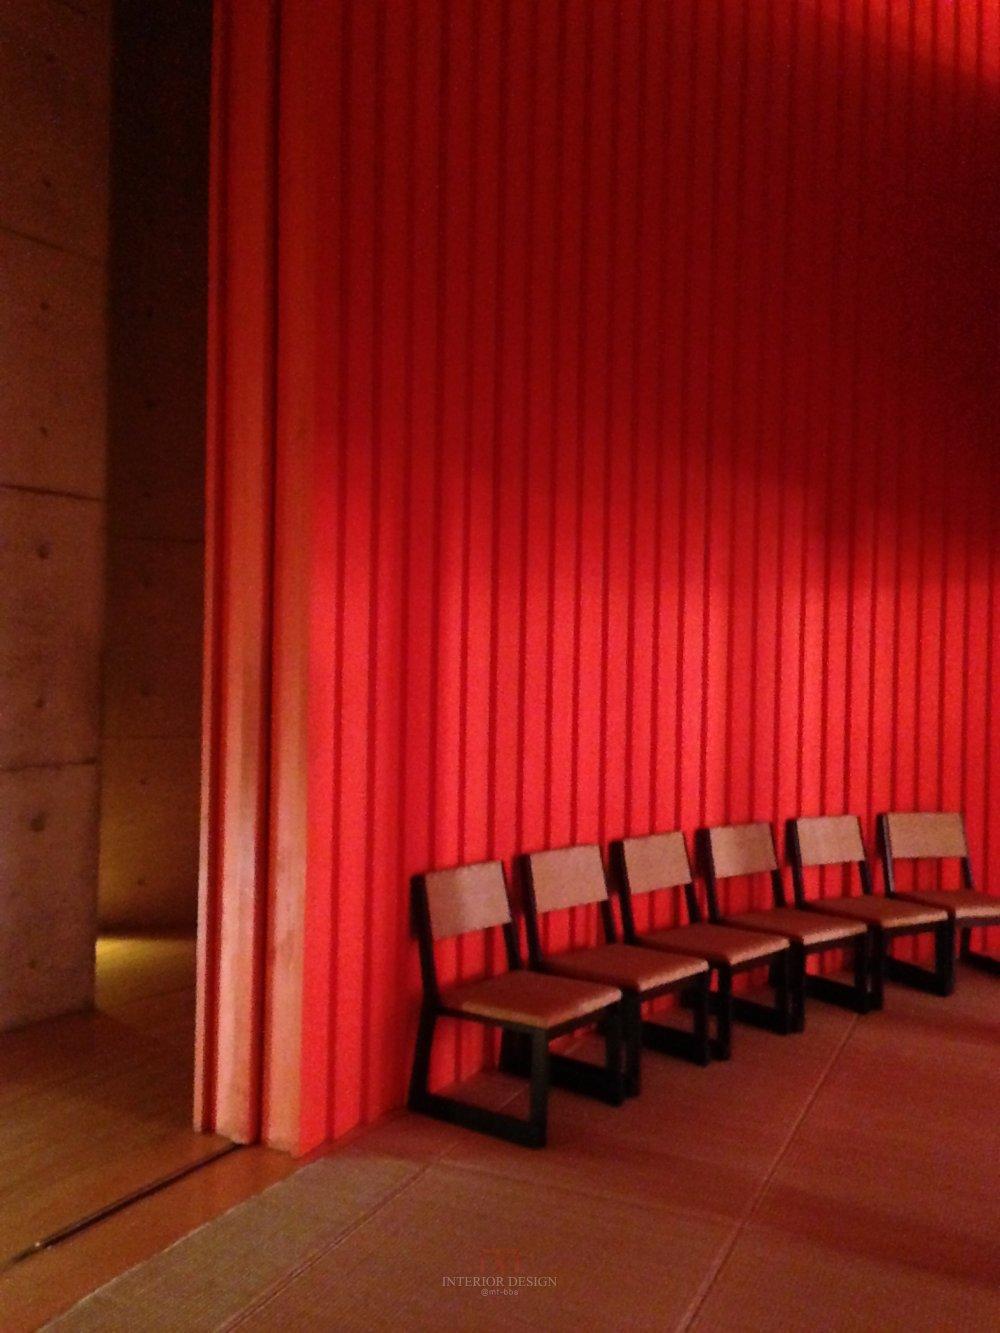 #伙伴一起看日本#  日本设计考察分享(更新美秀美术馆)_IMG_5201.JPG